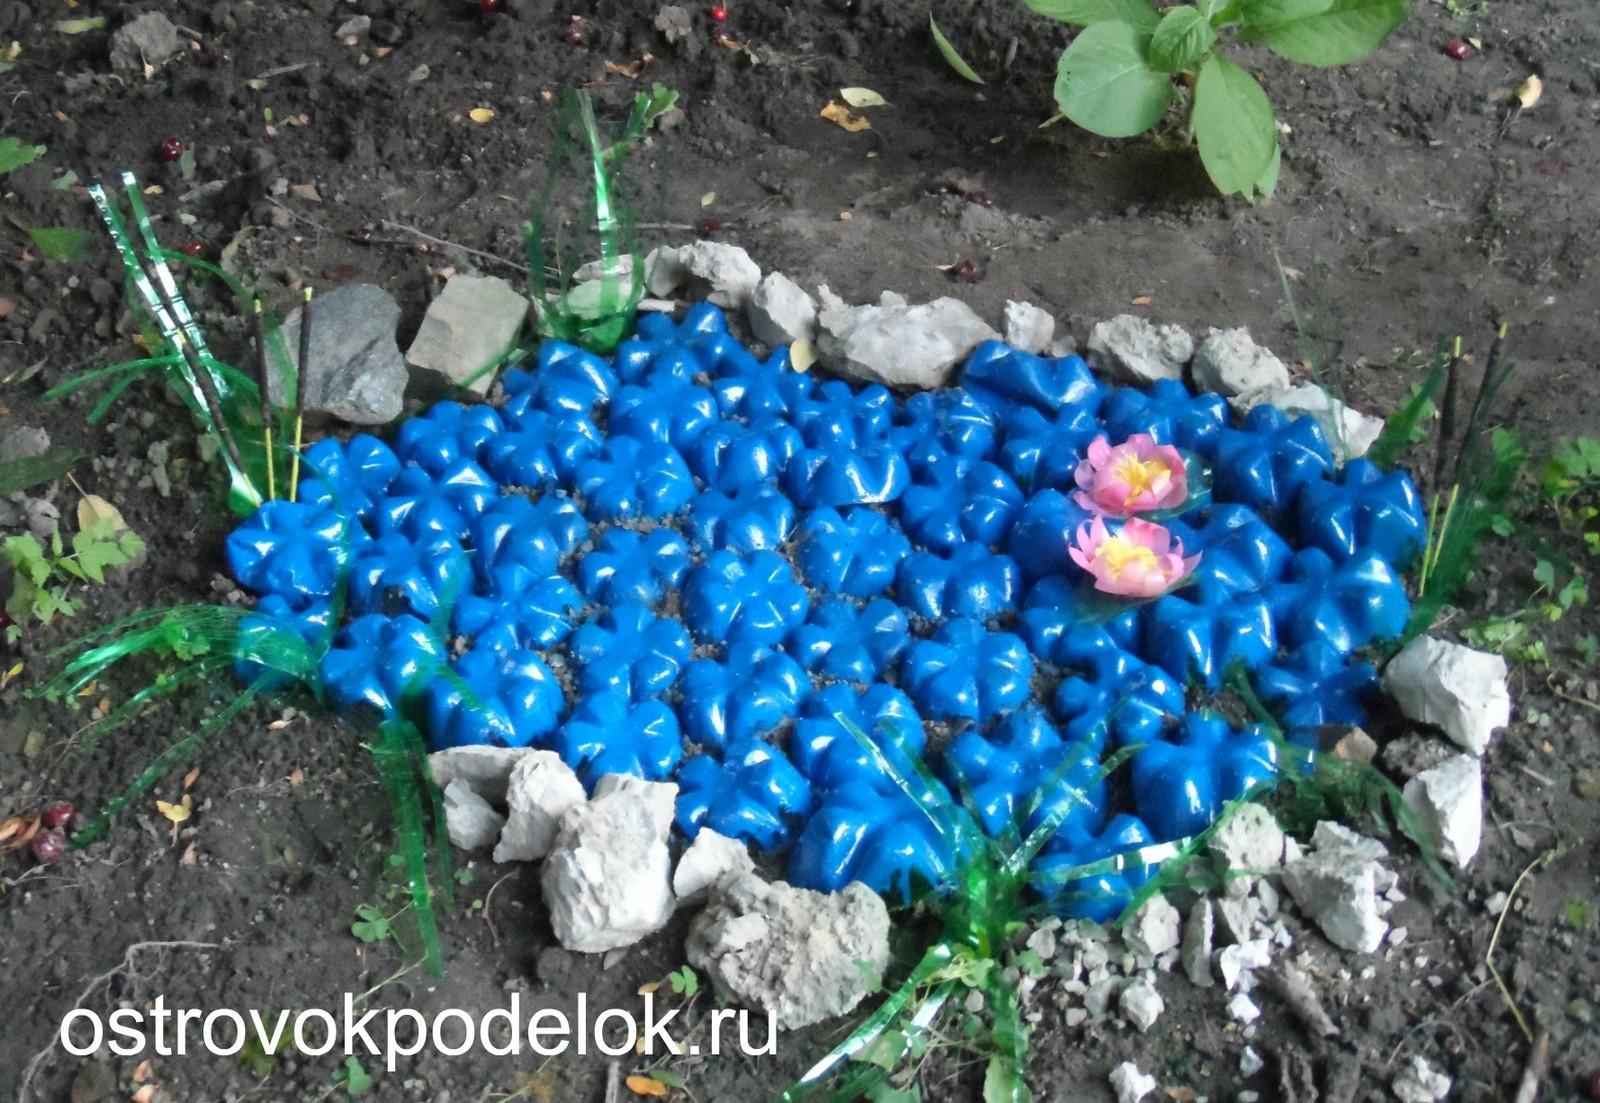 Пошаговое как сделать камыши своими руками из пластиковых бутылок